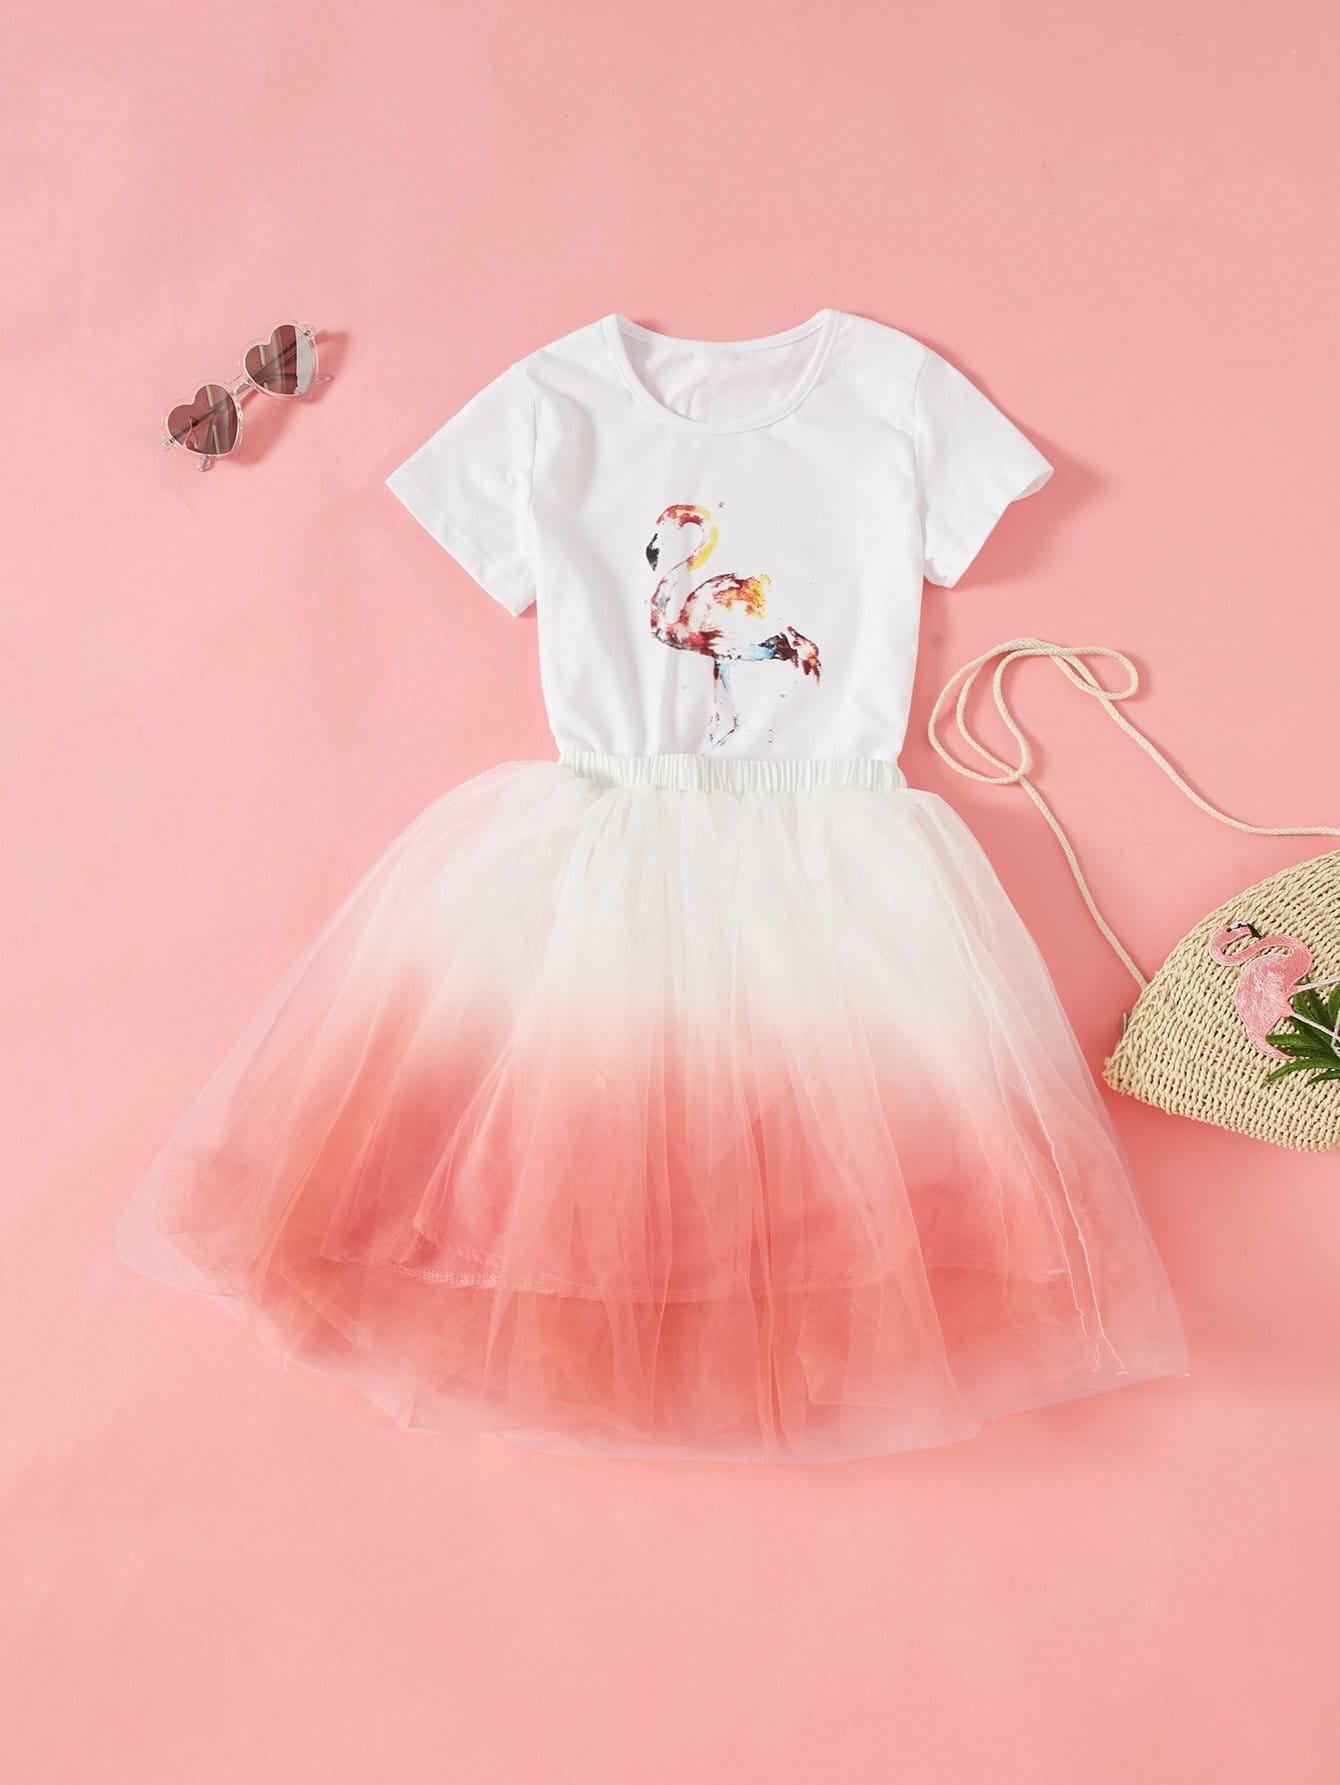 Купить Комплект топ с принтом фламинго 3d и юбка омбре, null, SheIn